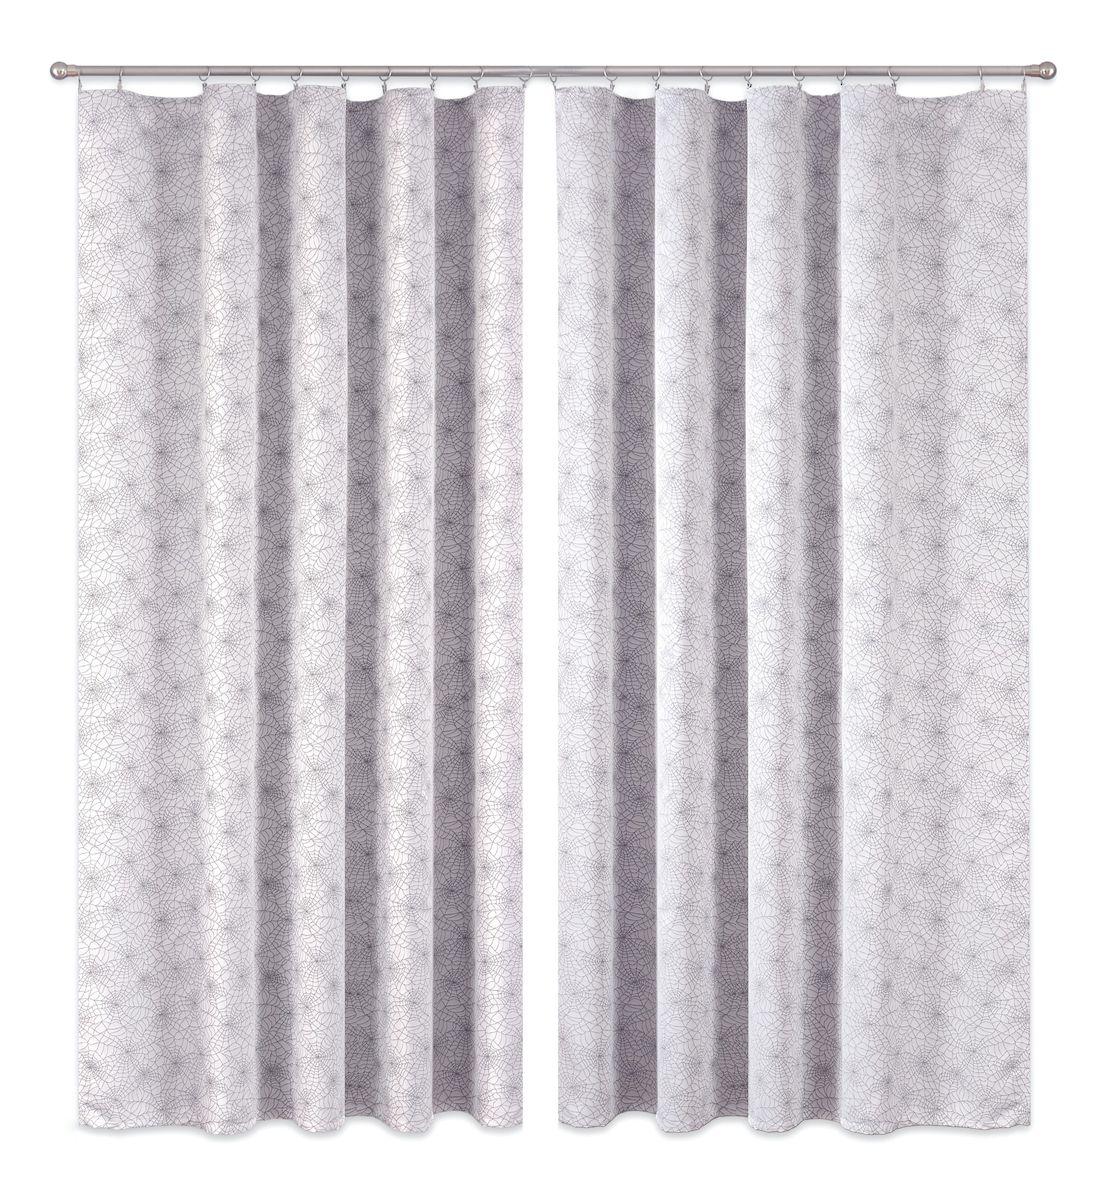 Комплект штор P Primavera Firany, цвет: серый, высота 270 см. 11100021110002Комплект штор из полиэстровой жаккардовой ткани с пришитой шторной лентой. Размер - ширина 180 см высота 270см. Набор 2 штуки. Цвет серый. Размер: ширина 180 х высота 270